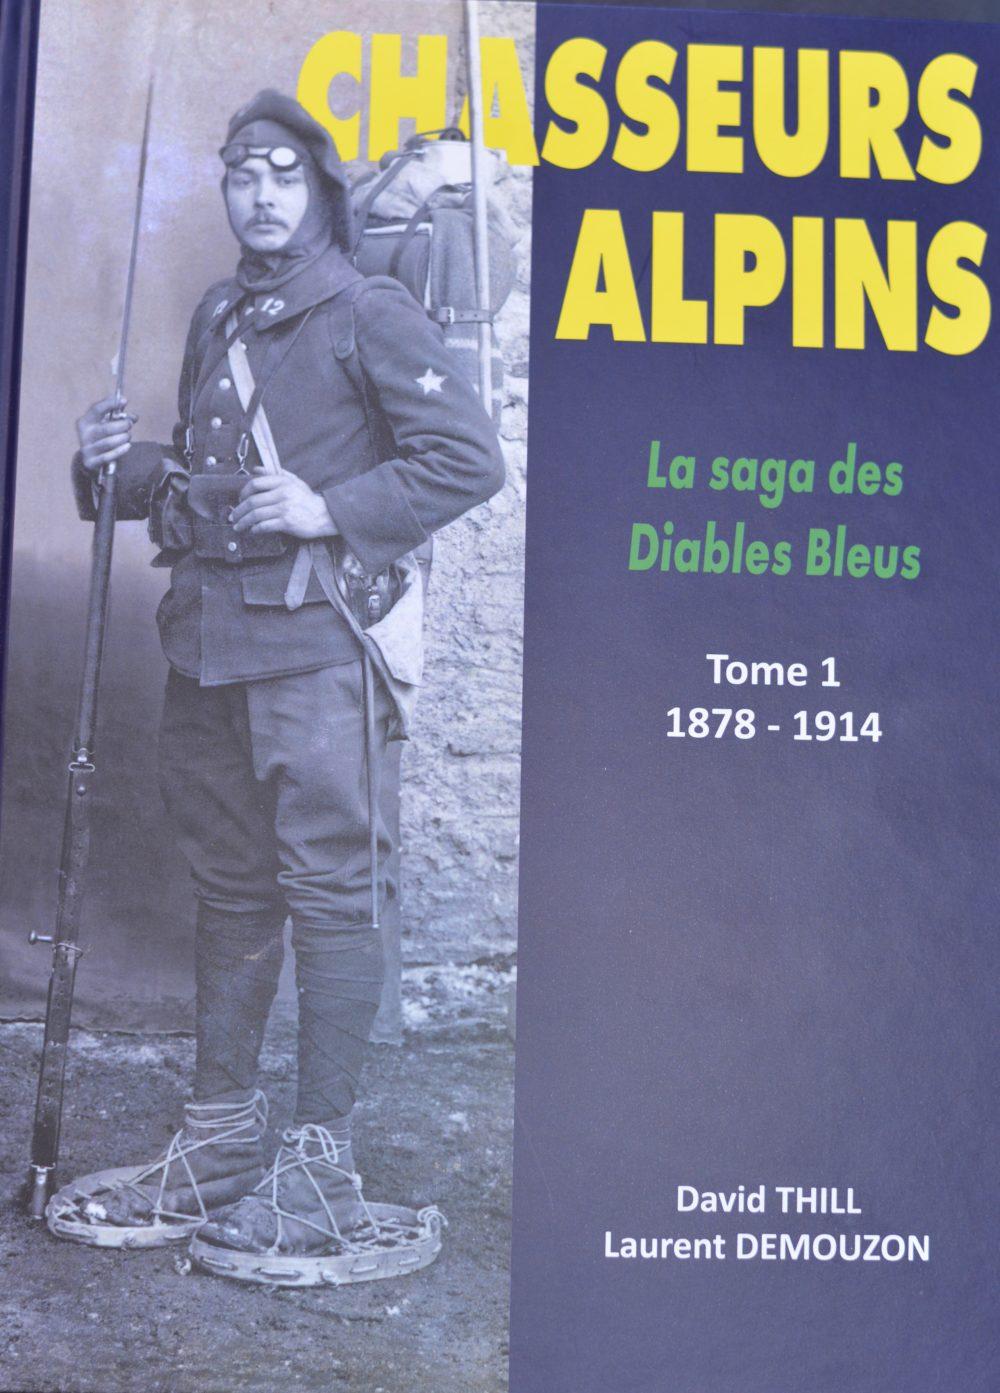 Chasseurs alpins, la saga des diables bleus